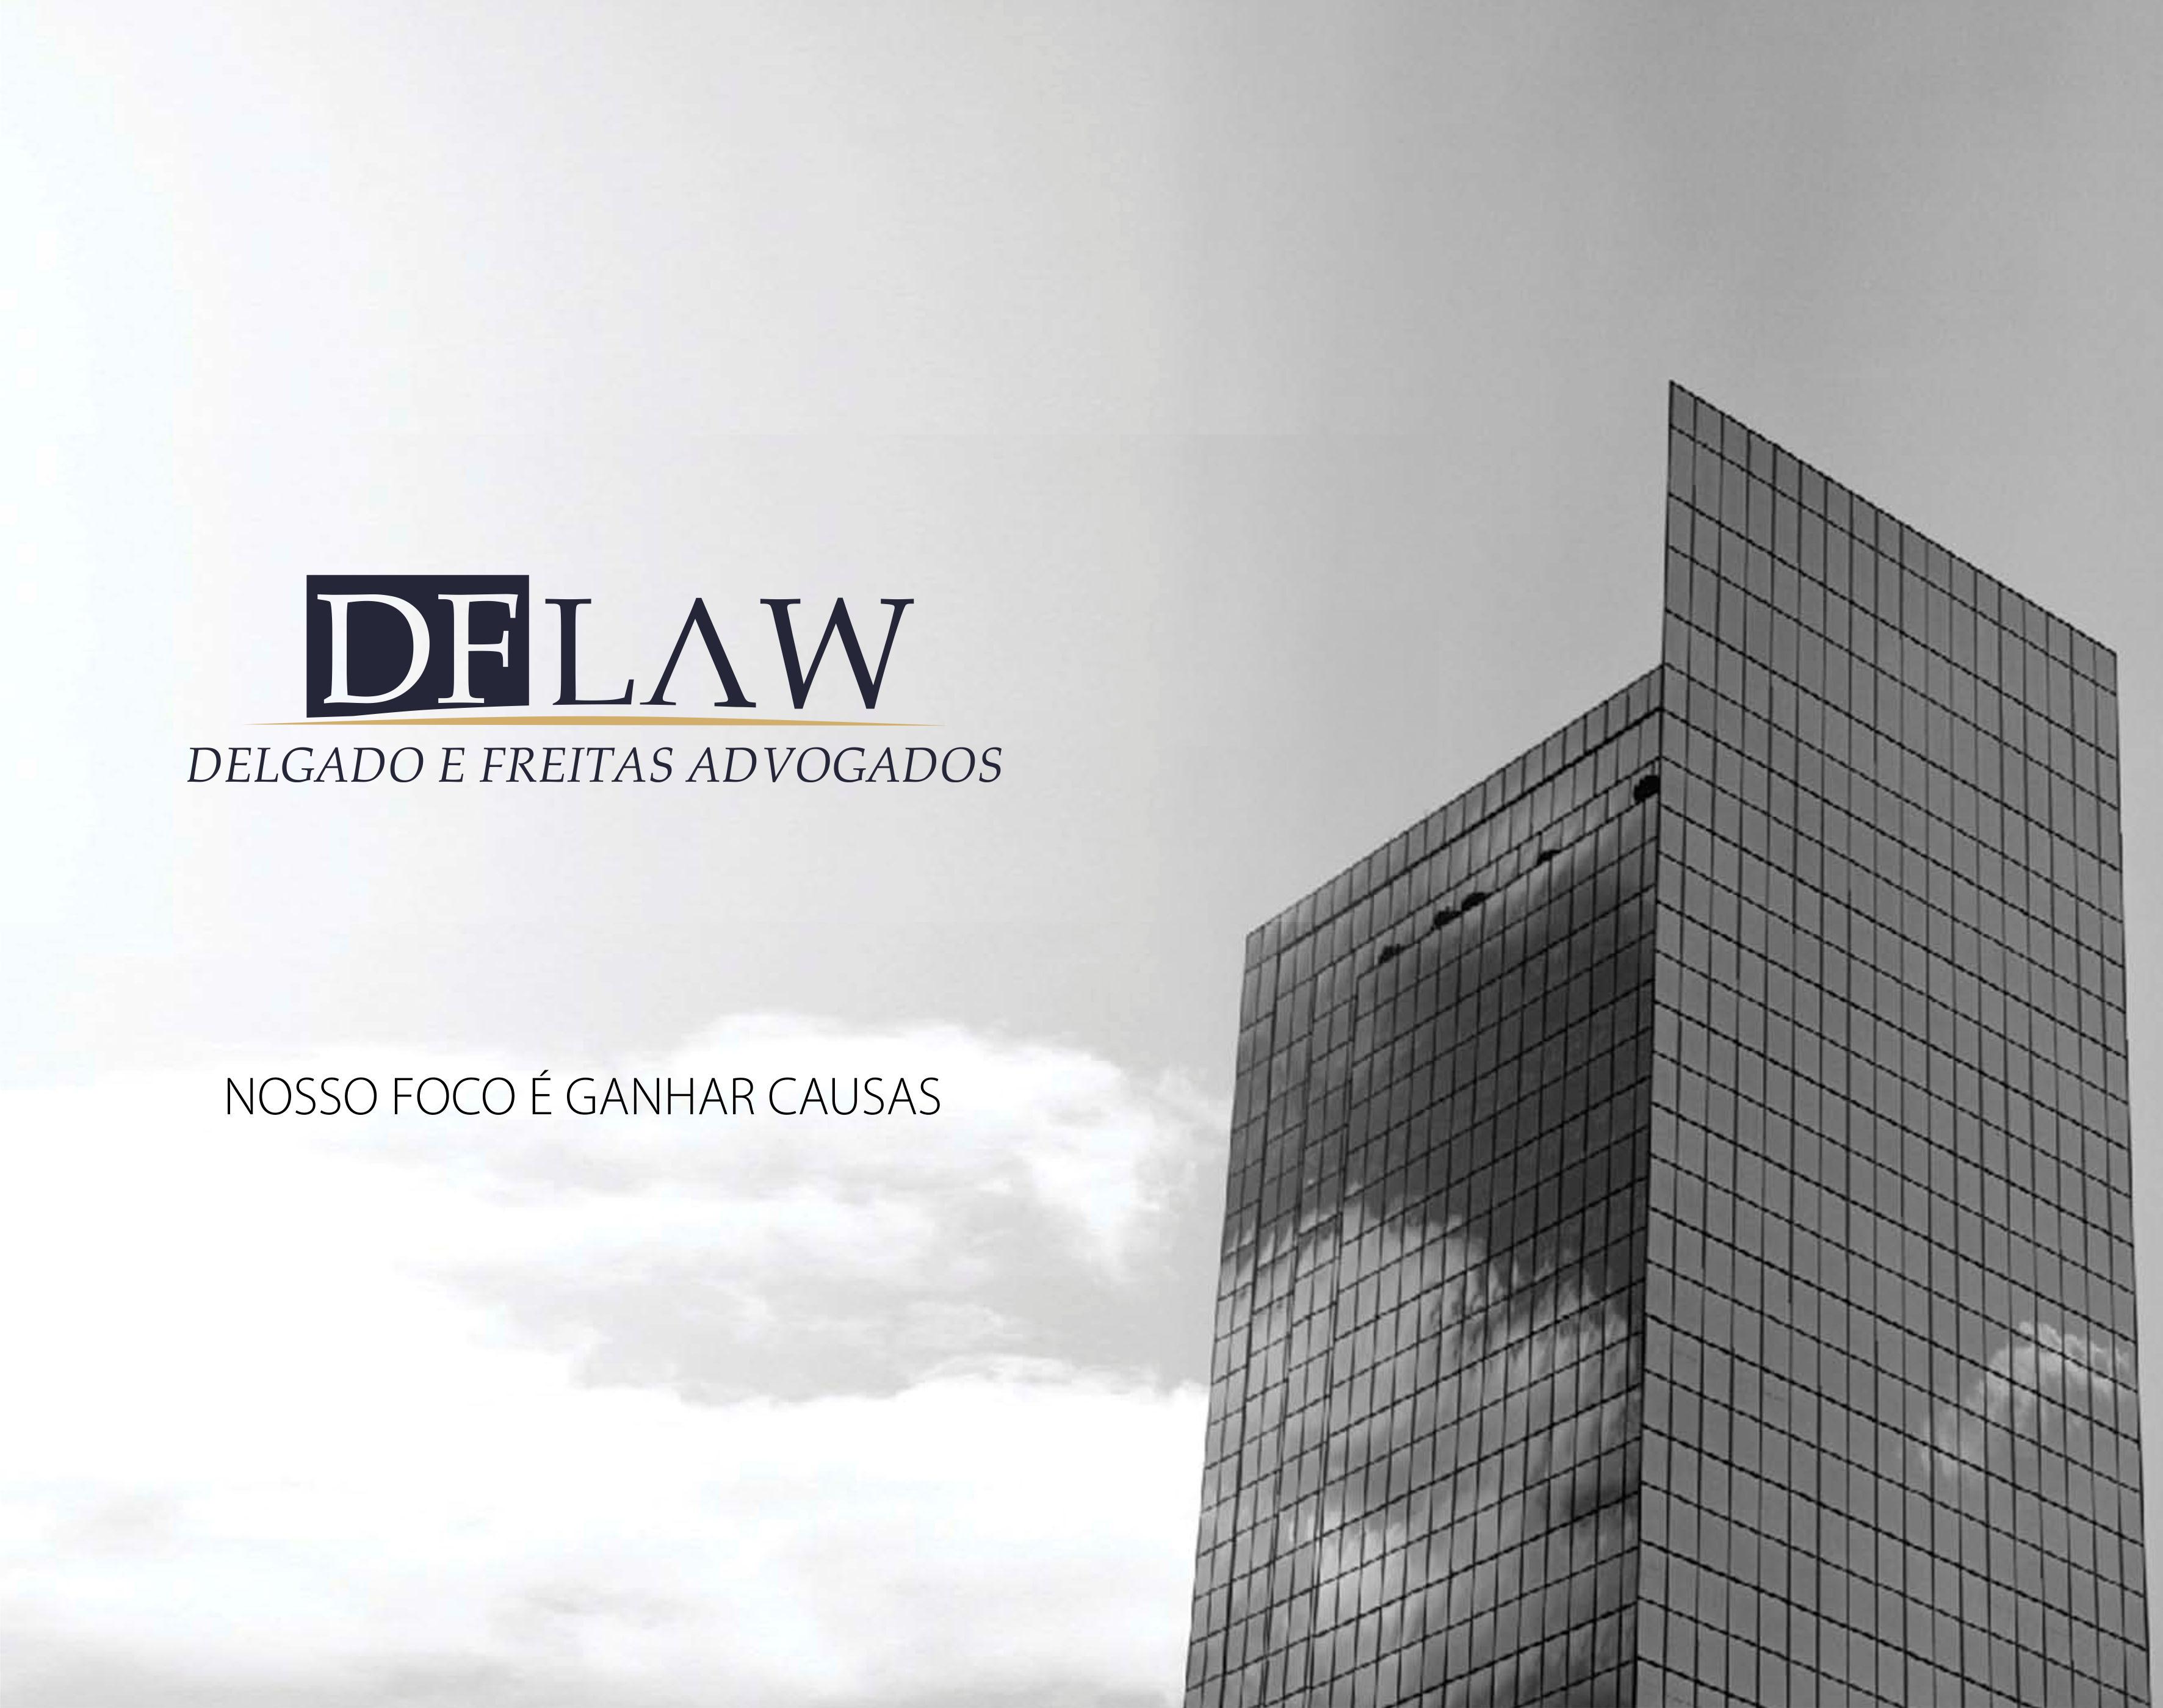 DFLAW Advocacia Tributária e Empresarial dflaw Advogado da Delgado & Freitas concede entrevista para o Jornal da Band Direito Contemporâneo  entrevistas conteporâneo   %Site Name - advocacia tributária.